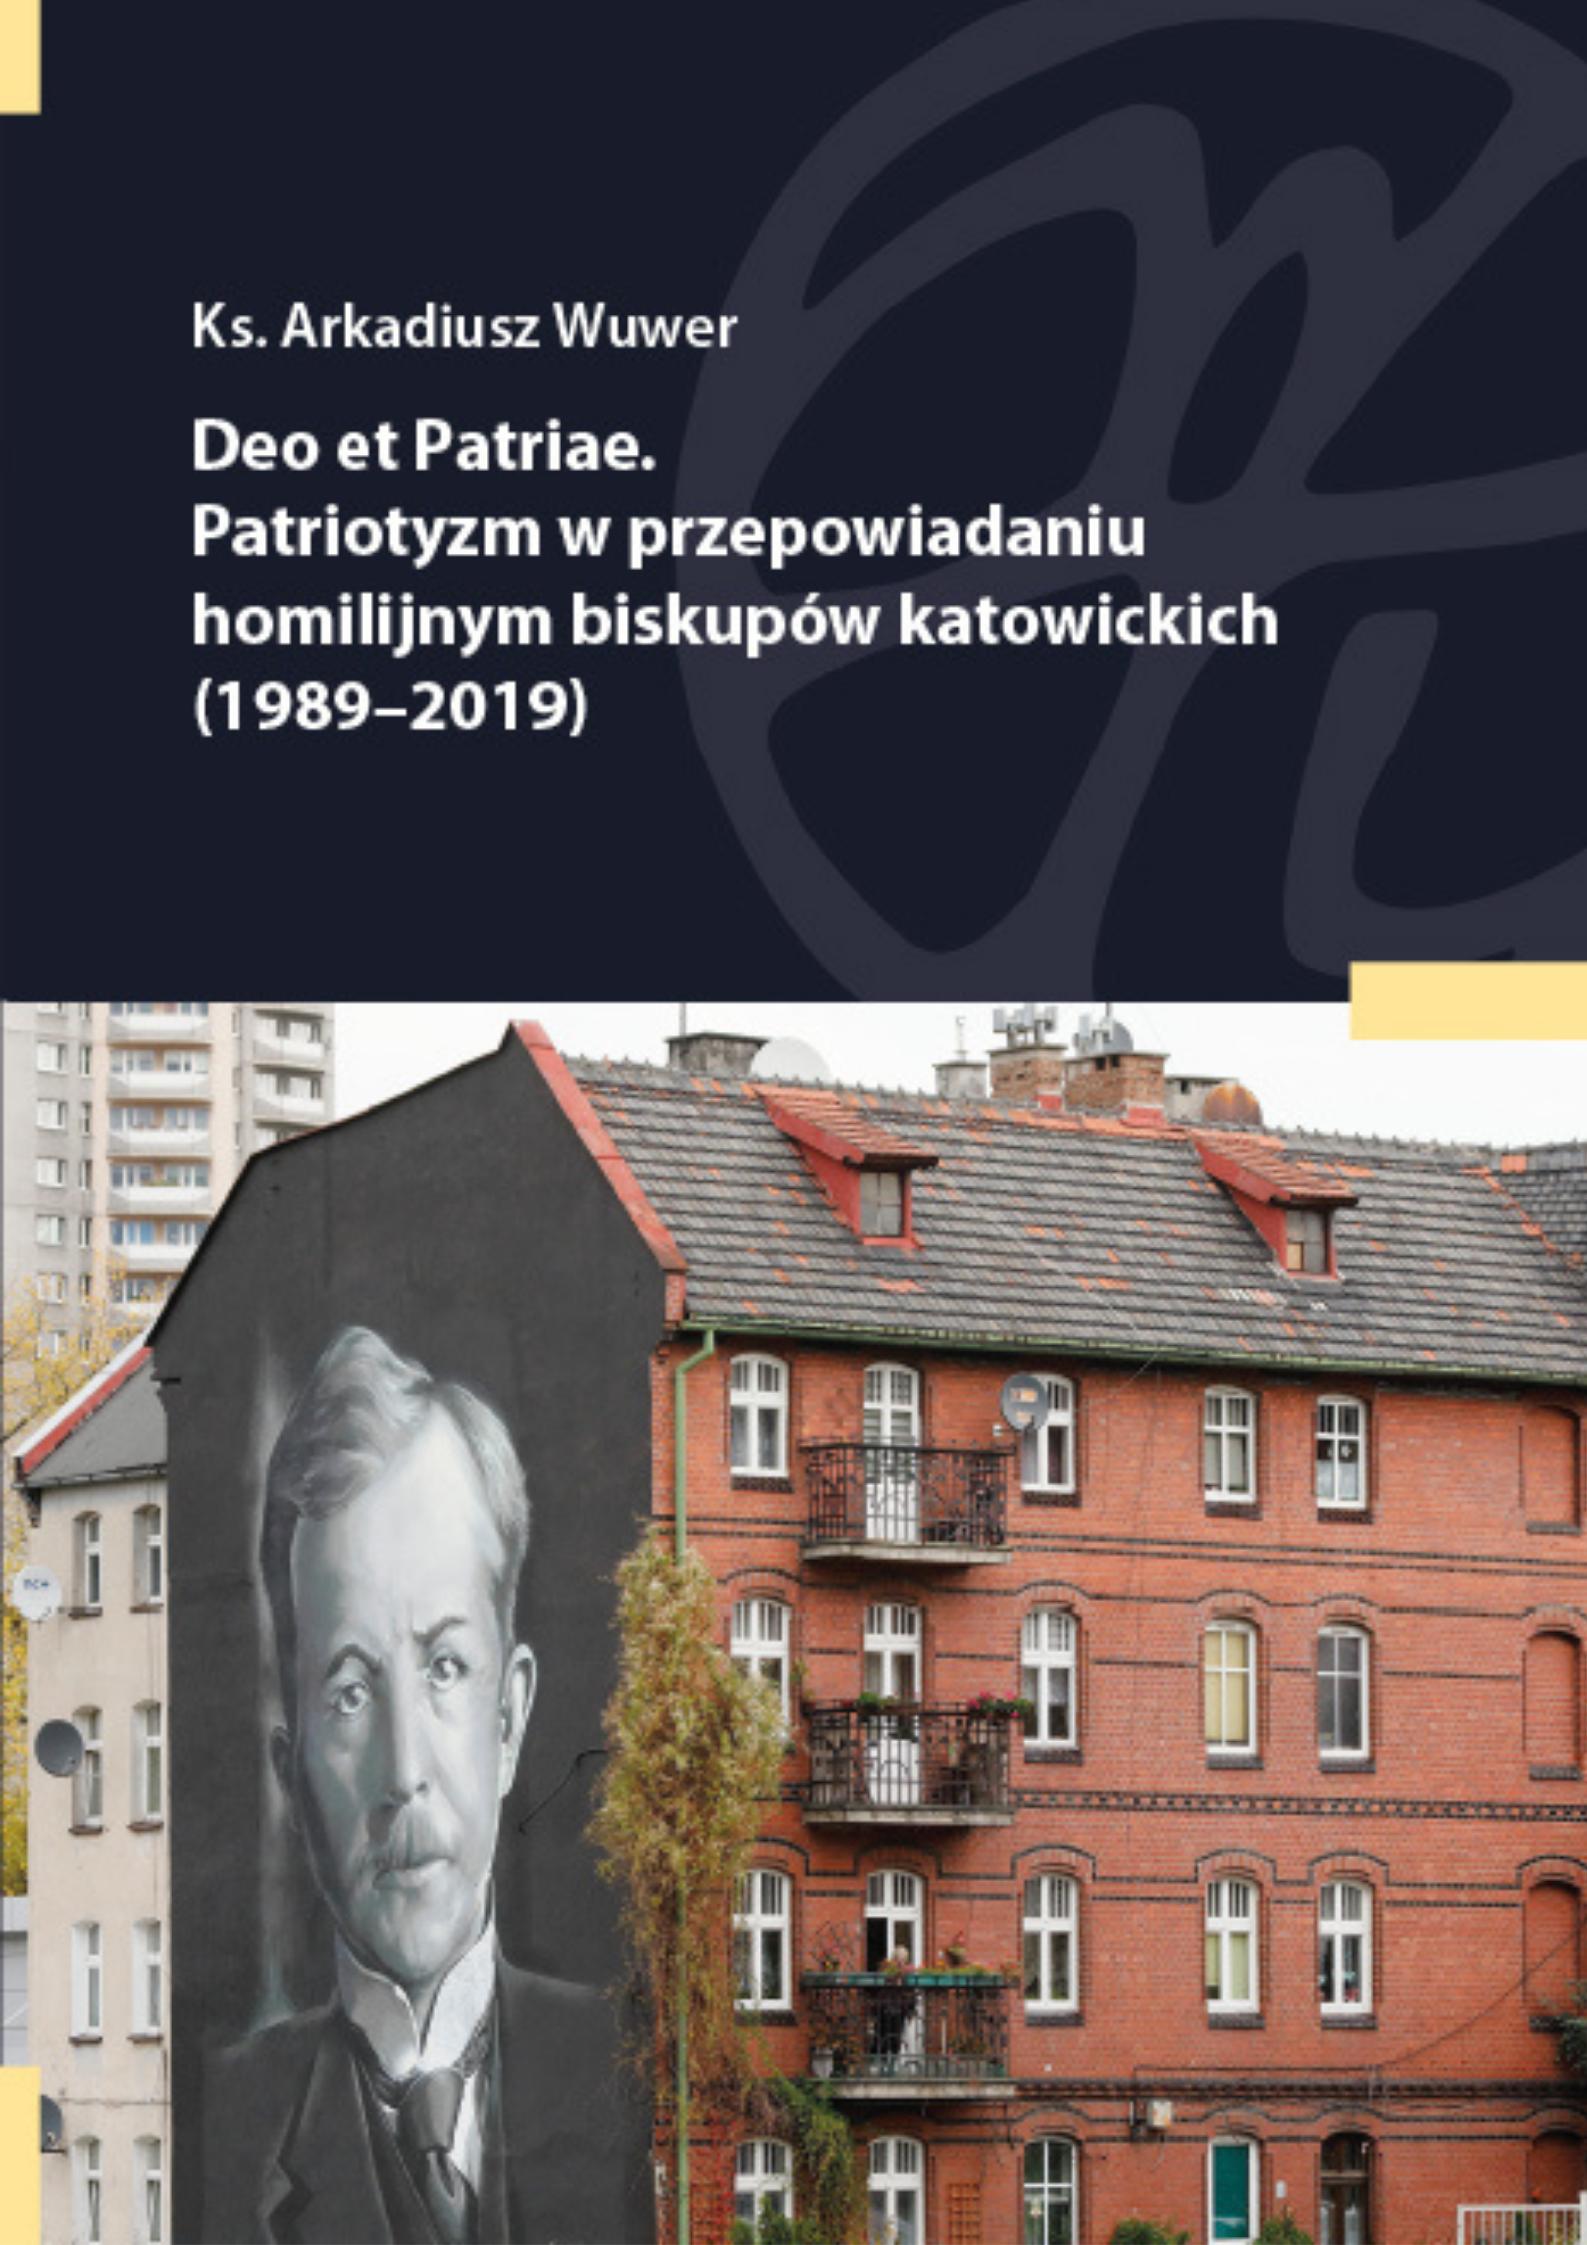 Deo et Patriae. Patriotyzm w przepowiadaniu homilijnym biskupów katowickich (1989-2019)